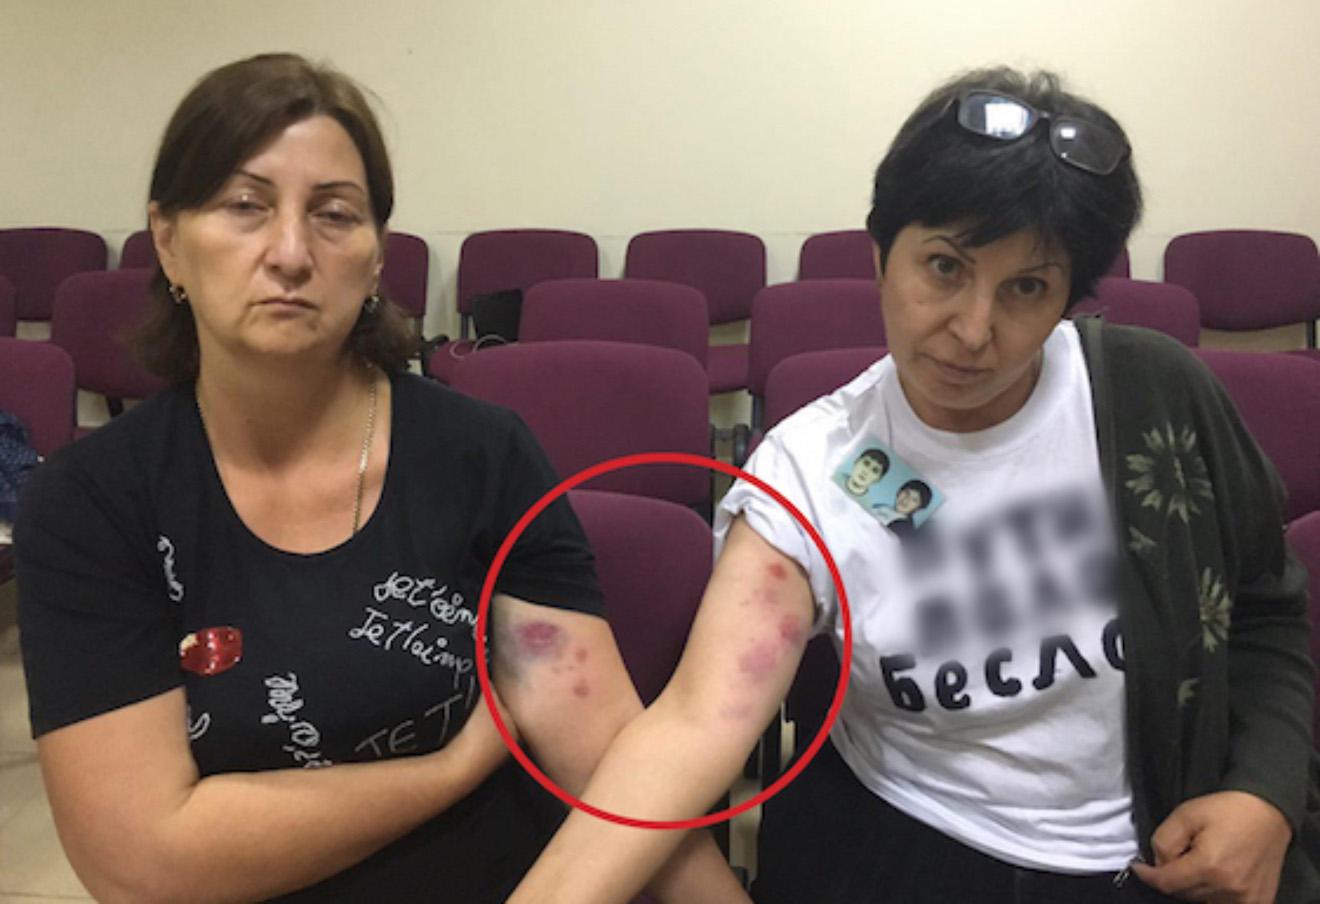 В Беслане за майки с упоминанием Путина задержали матерей ... - photo#12